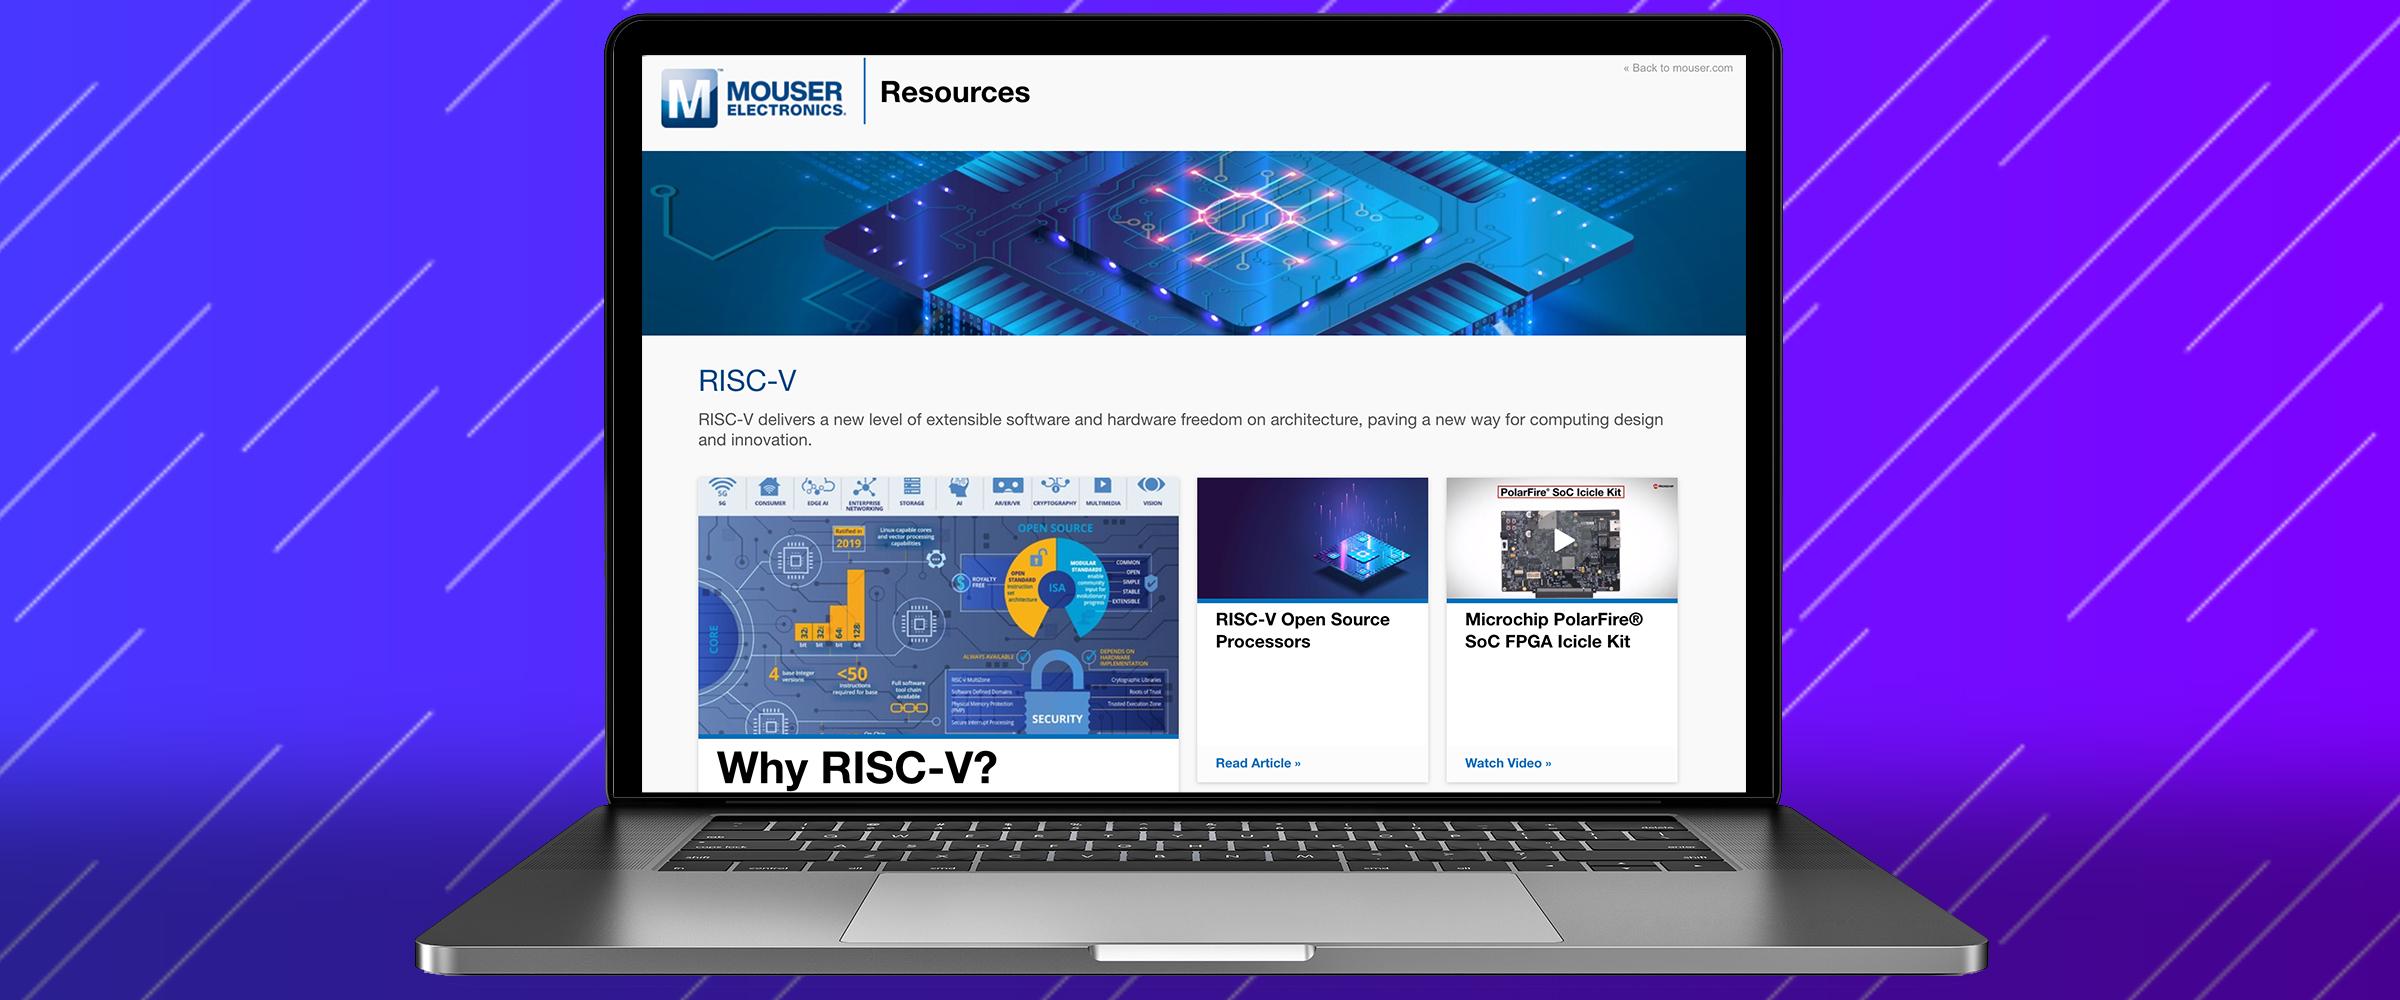 贸泽电子发布全新RISC-V资源页面